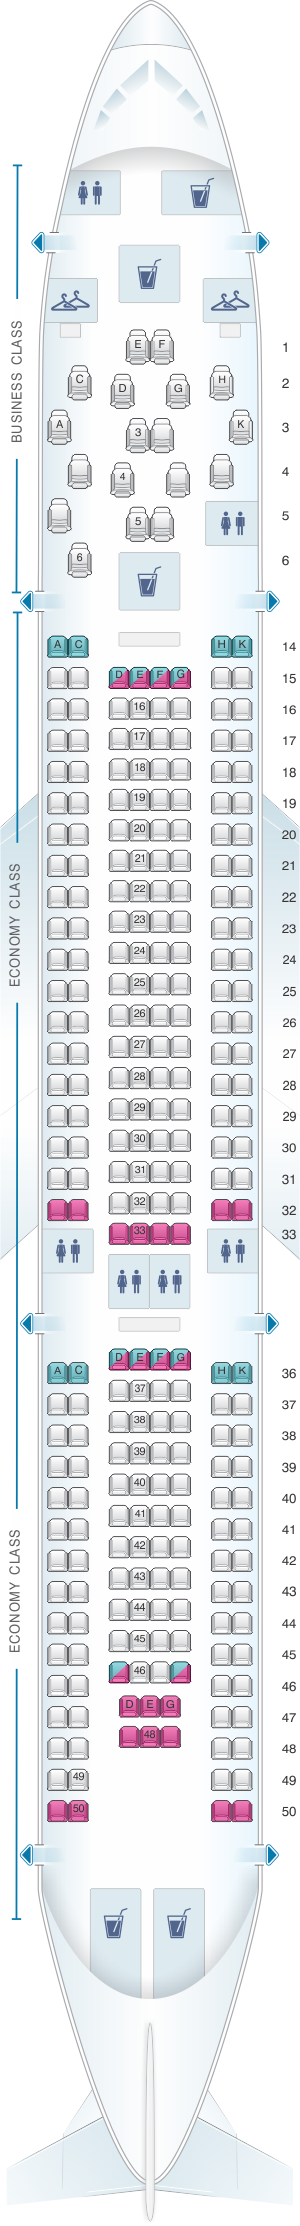 Seat map for Virgin Atlantic Airbus A330 200